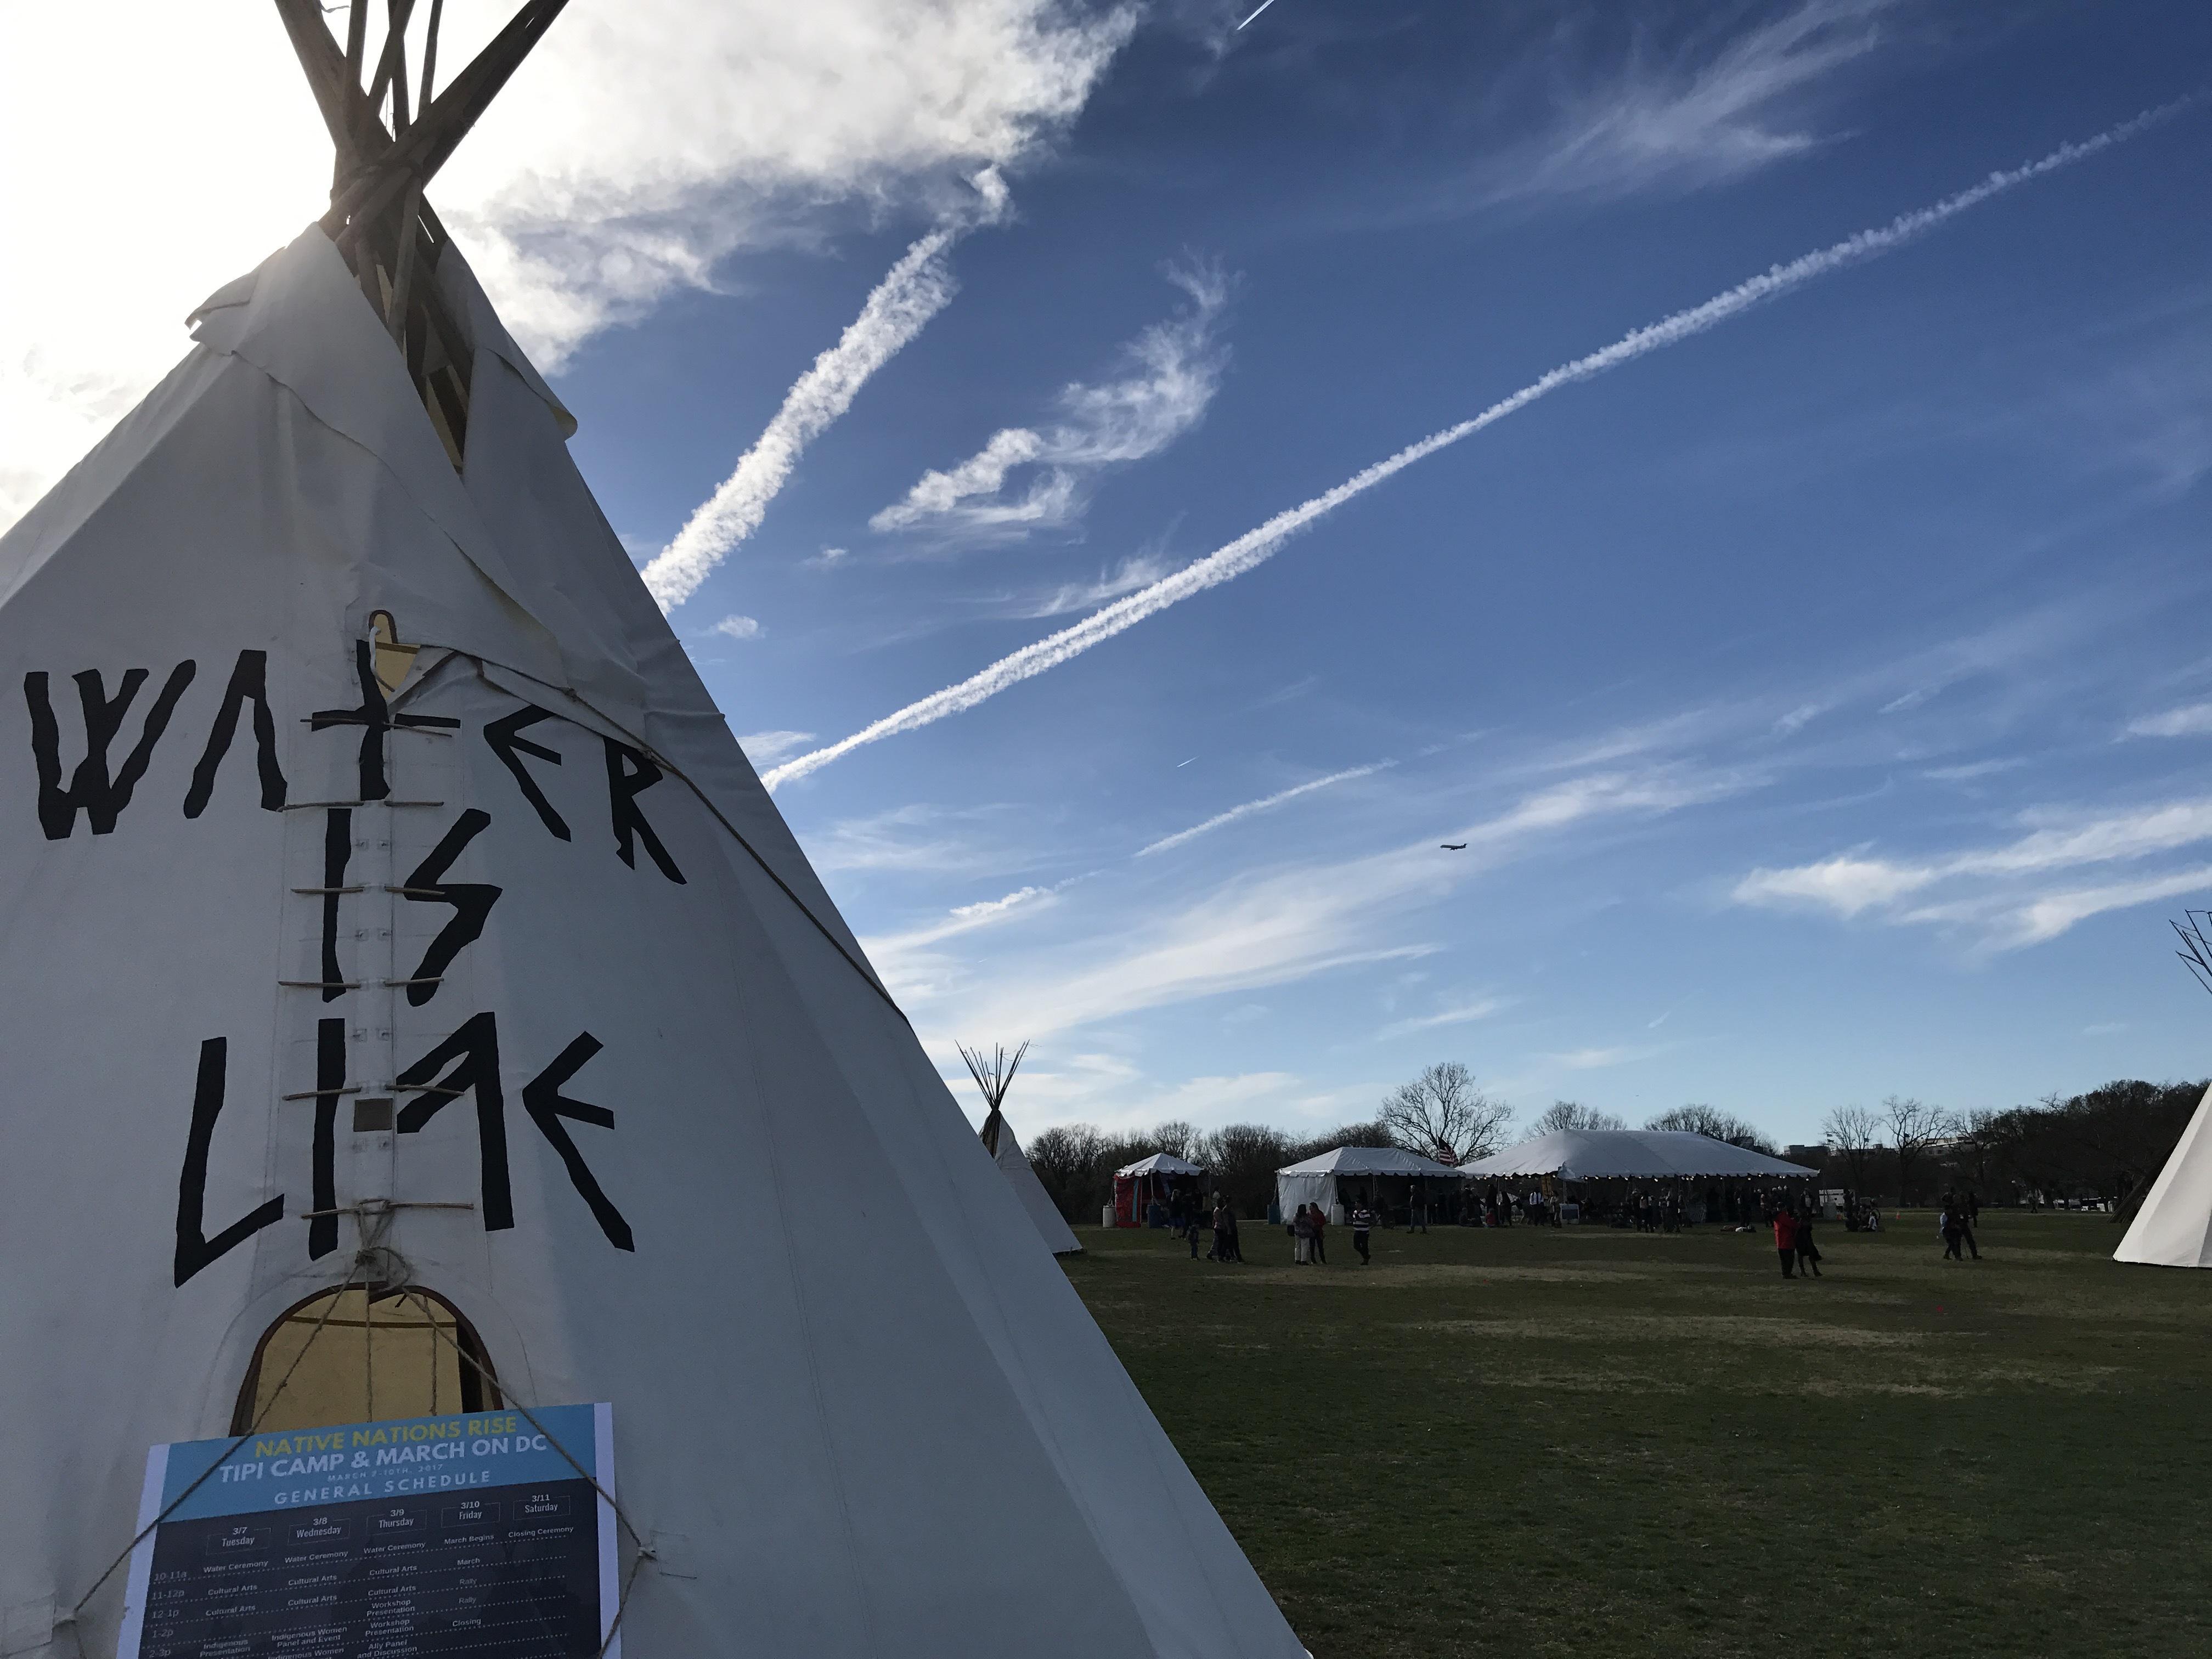 先住民のイベントがあるらしく、ナショナルパークにはこういうテントがたくさんあった